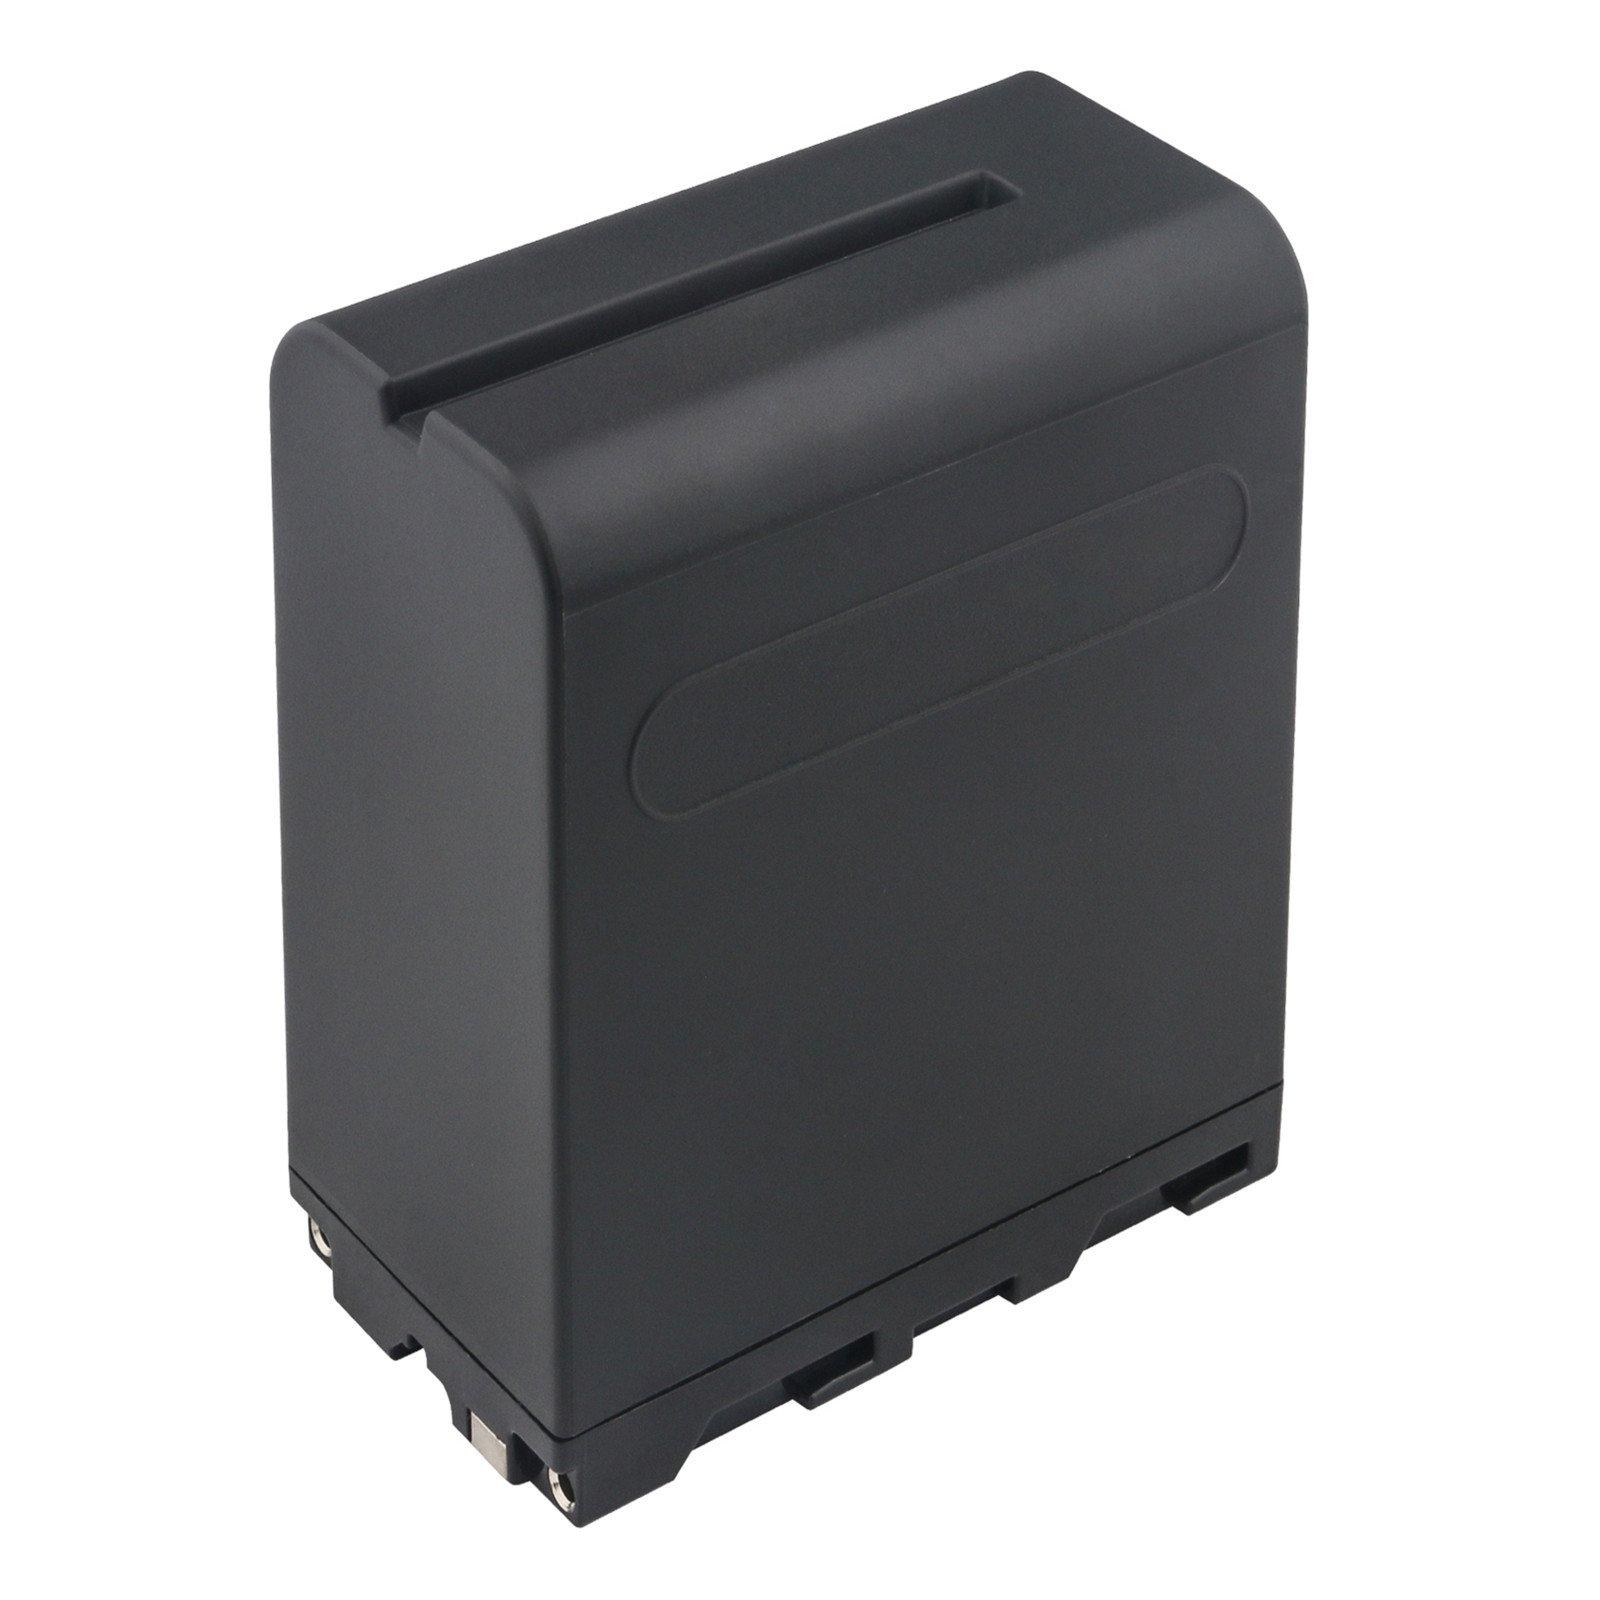 Kastar LED Super Fast Charger & Camcorder Battery X2 for Sony NP-F990 NP-F975 NP-F970 NP-F960 NP-F950 NP-F930 NP-F770 NP-F750 NP-F730 NP-F570 NP-F550 NP-F530 NP-F330 Battery and LED Video Light by Kastar (Image #2)